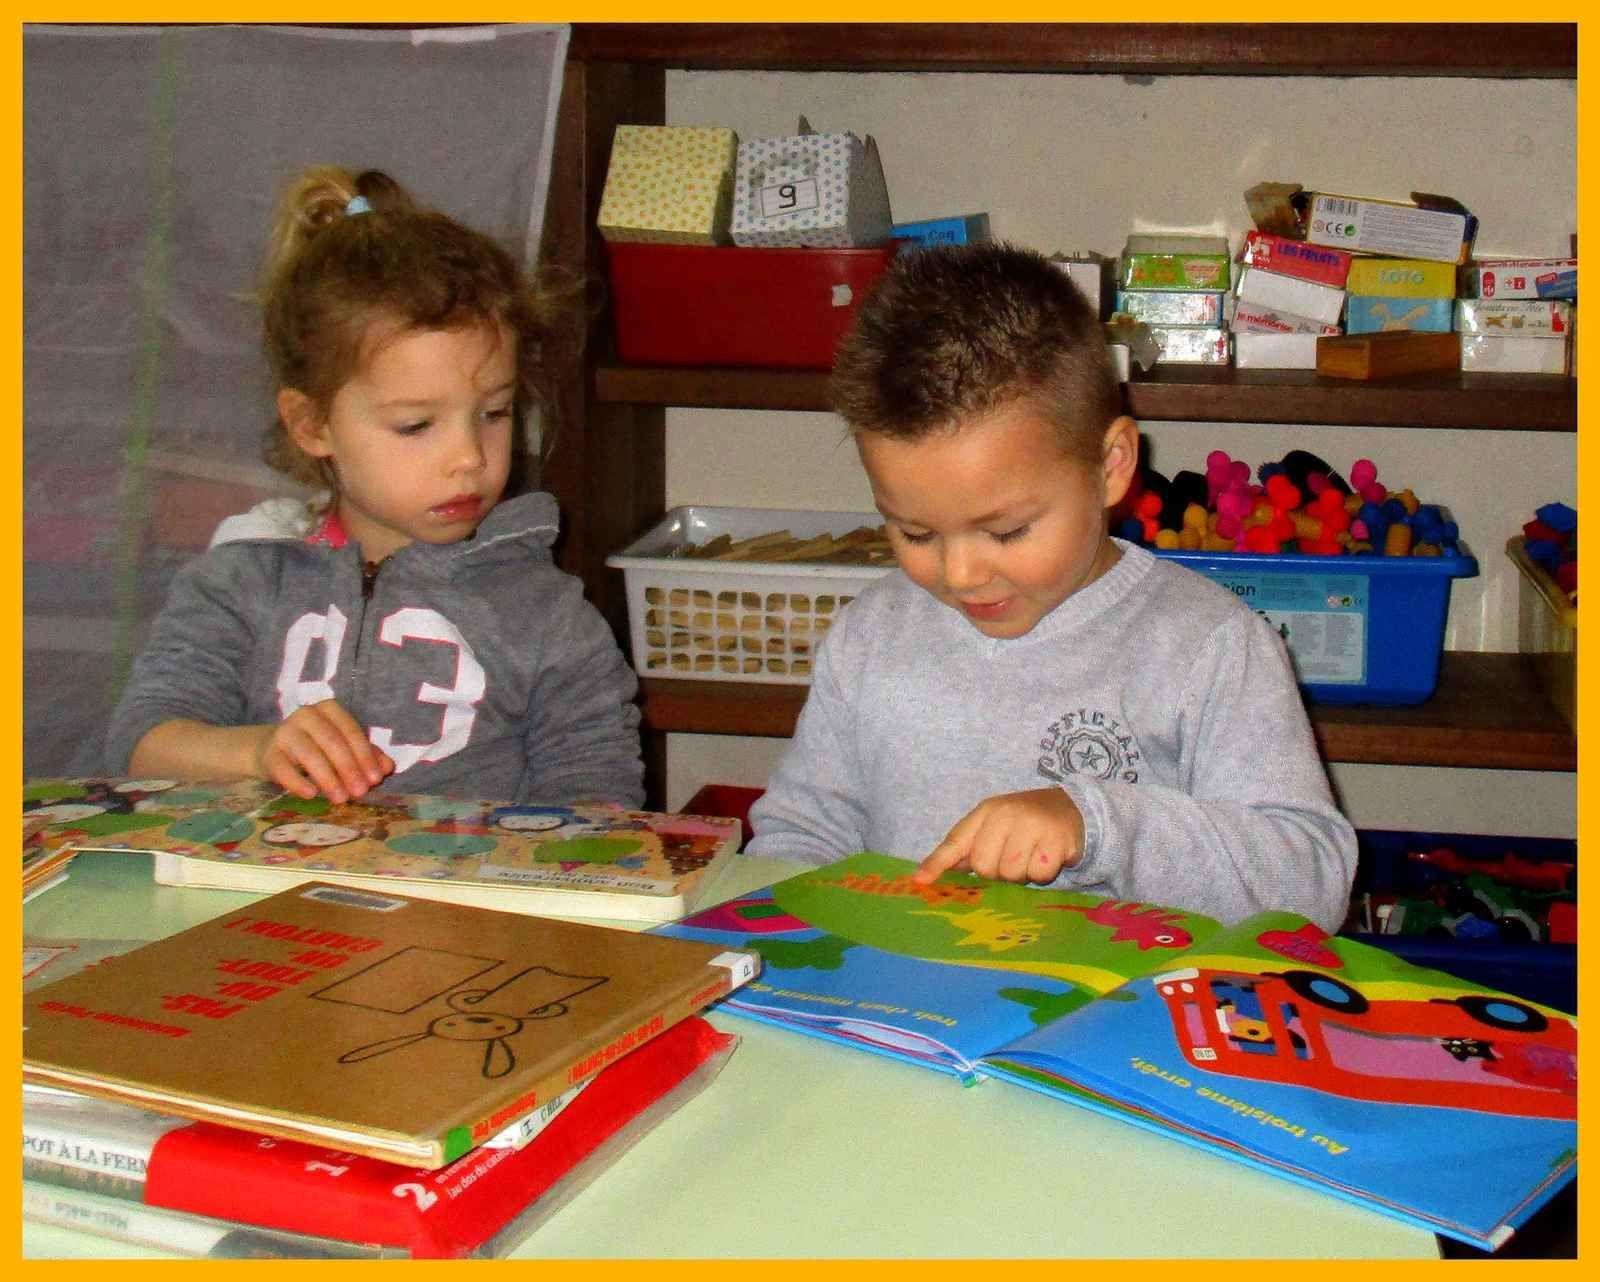 Ensemble, nous redécouvrons les livres que maîtresse nous avait lus avant les vacances .